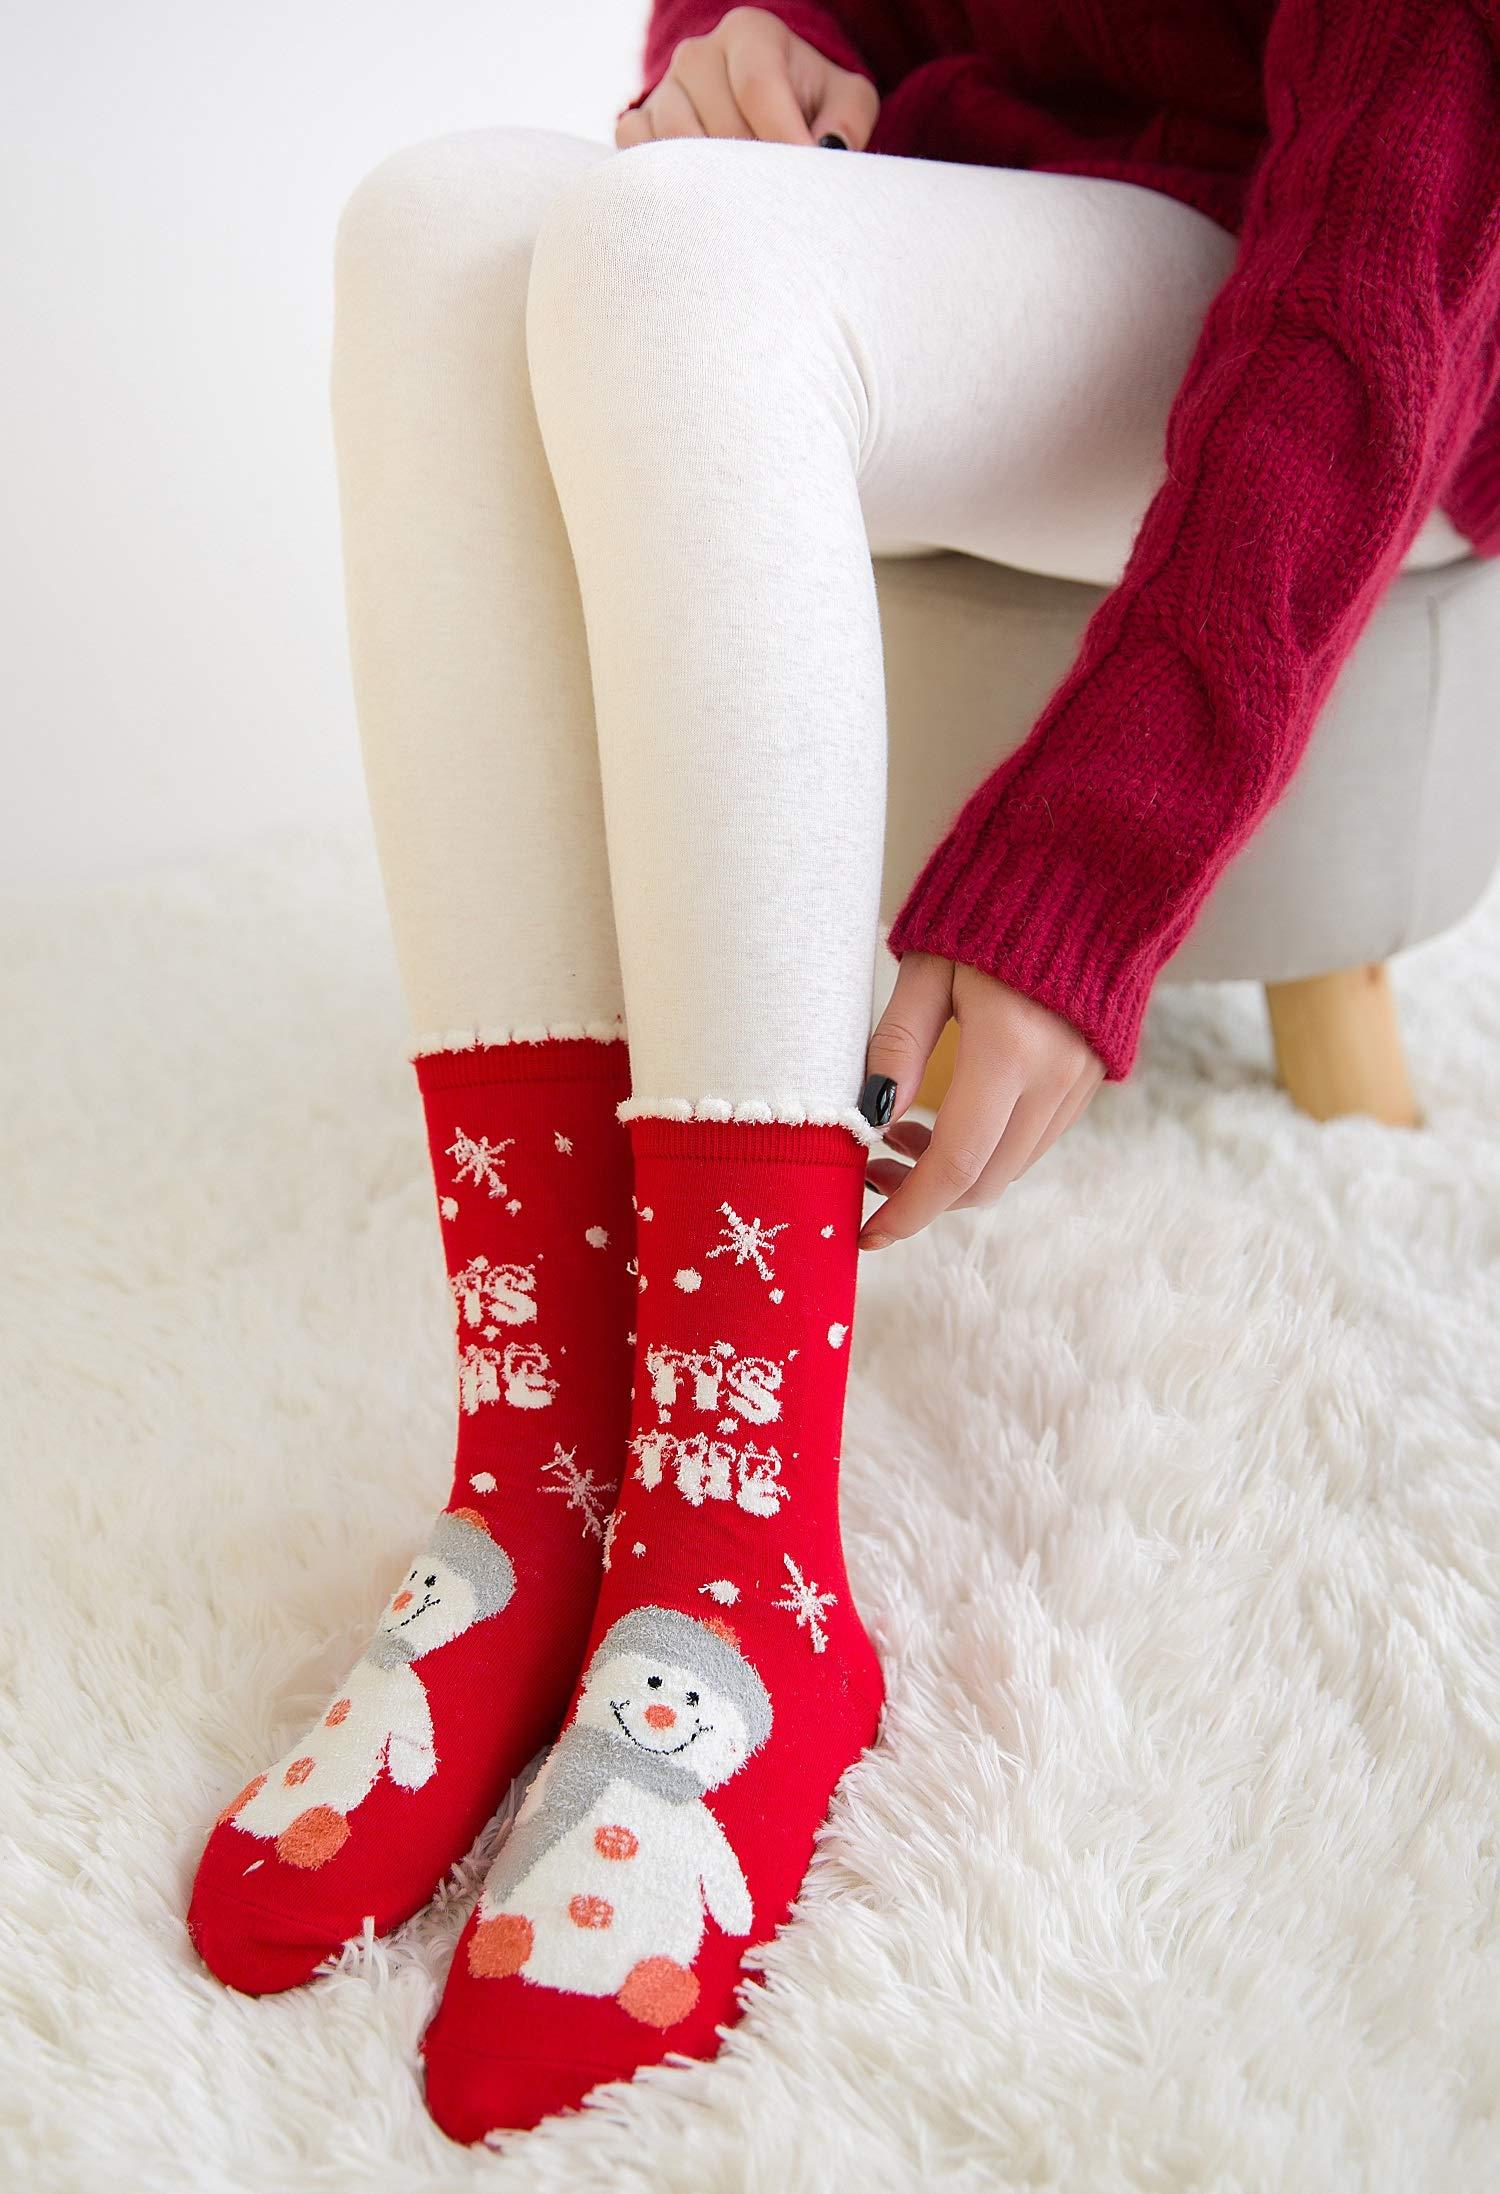 LIKERAINY Christmas Ragazze Donna Calzini Cotone di Natale Caldo Inverno Confortevole Babbo Natale e Alce 5 Paia 5 spesavip